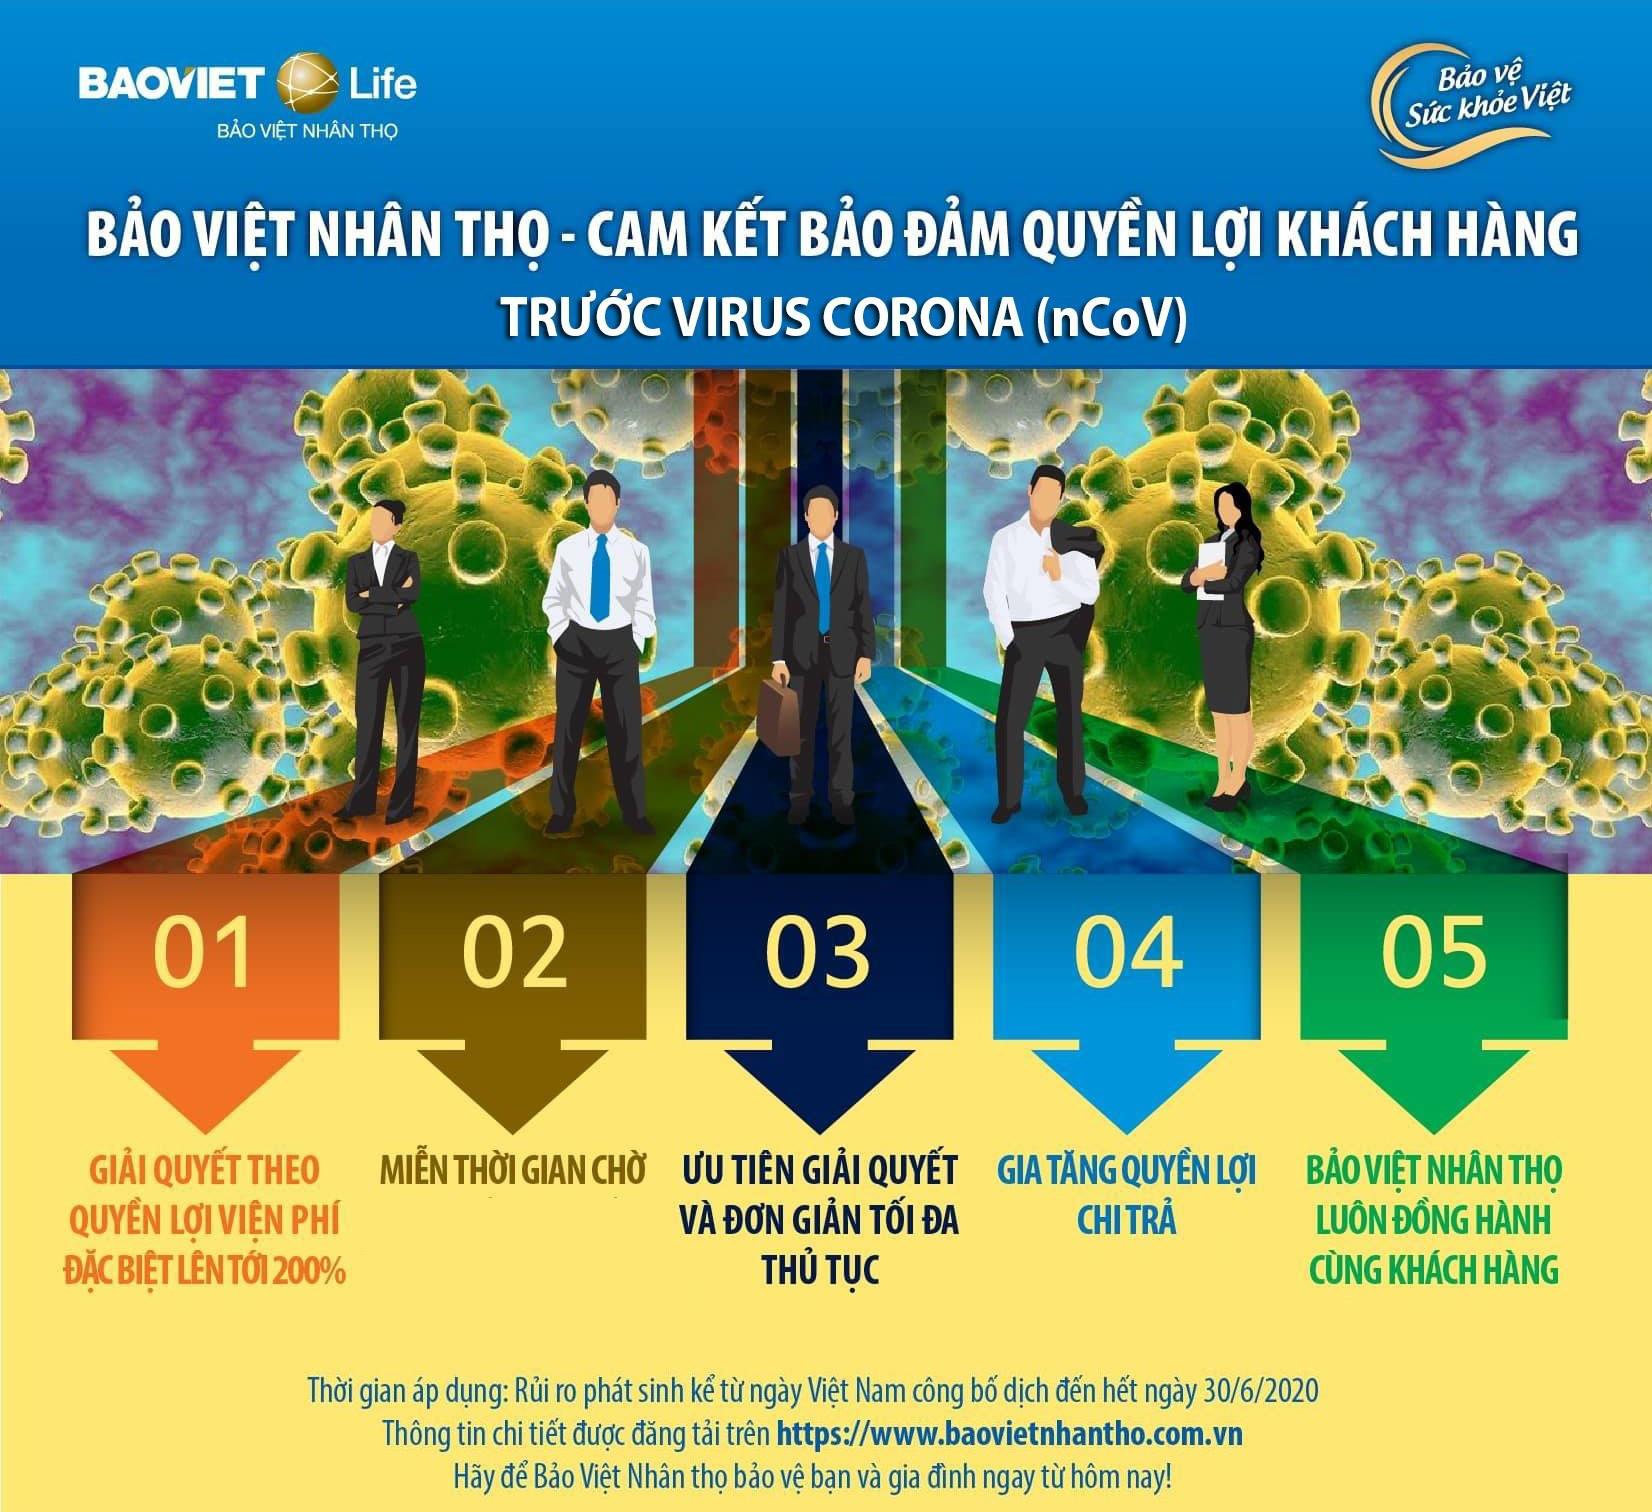 Bảo Việt Nhân thọ áp dụng chính sách đặc biệt cho khách hàng nhiễm virus Corona - Ảnh 1.